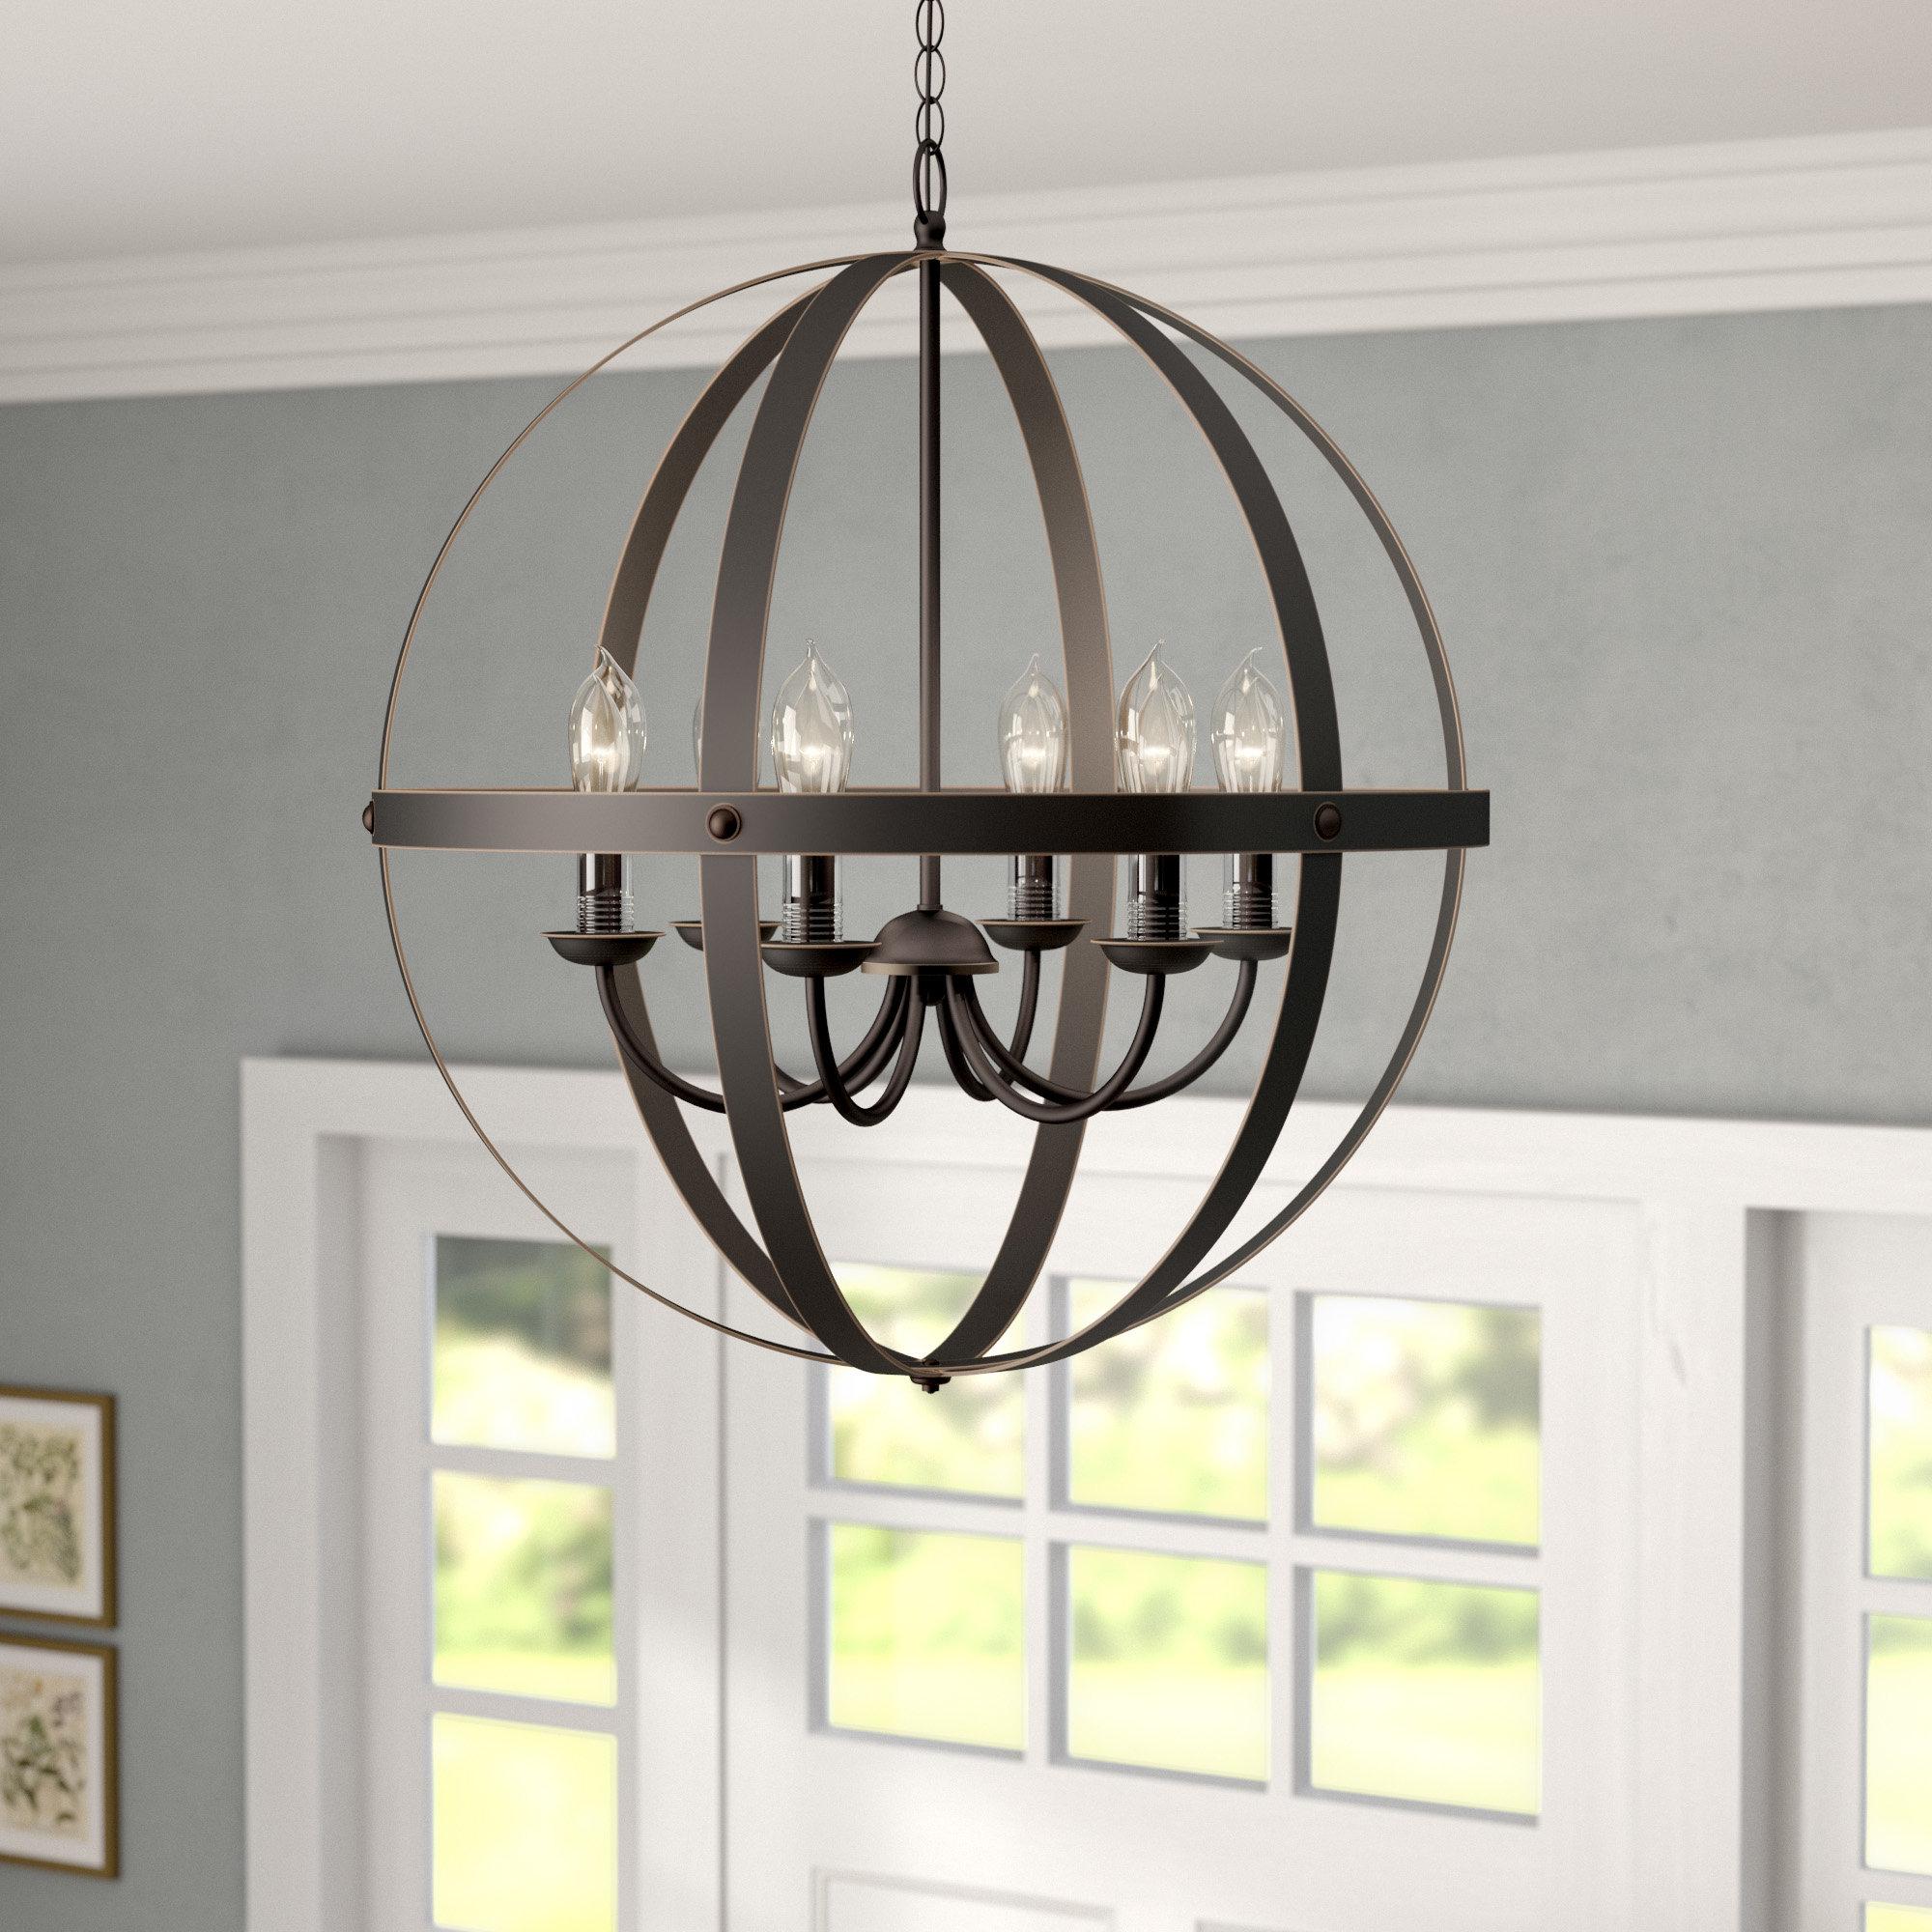 Genna 6-Light Globe Chandelier throughout Donna 6-Light Globe Chandeliers (Image 17 of 30)